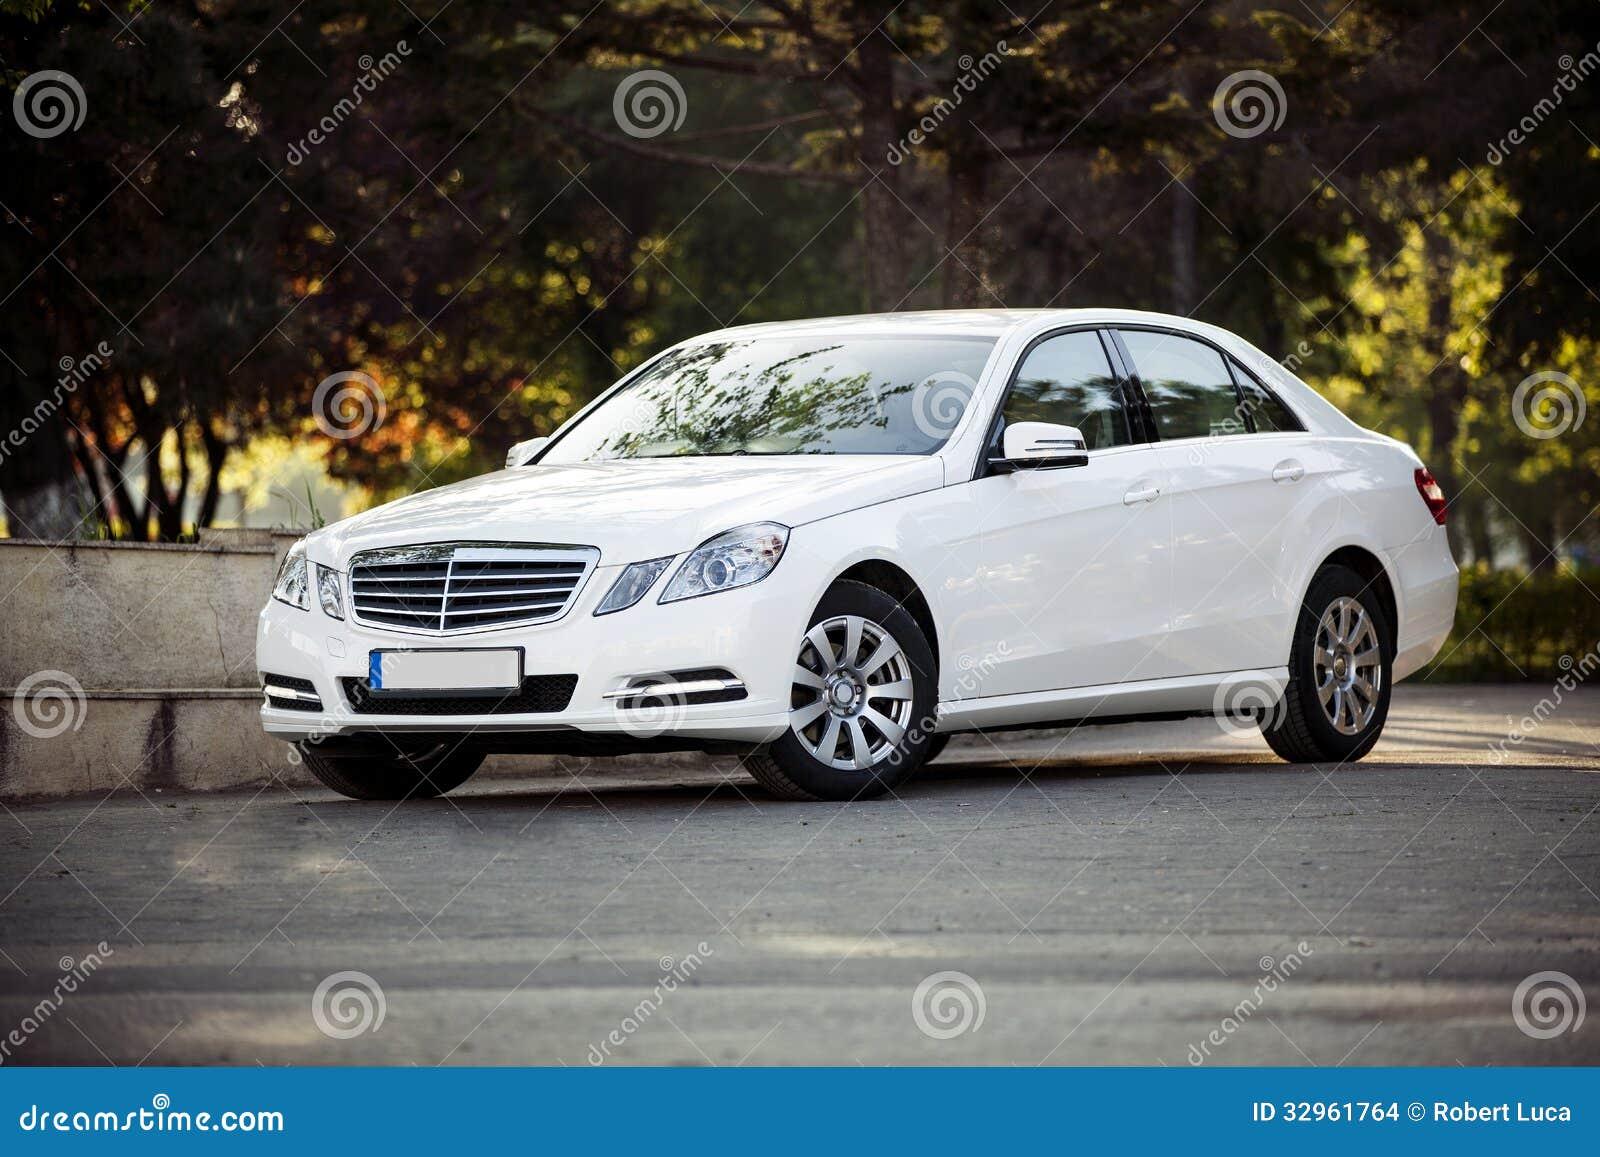 Mercedes benz e class model